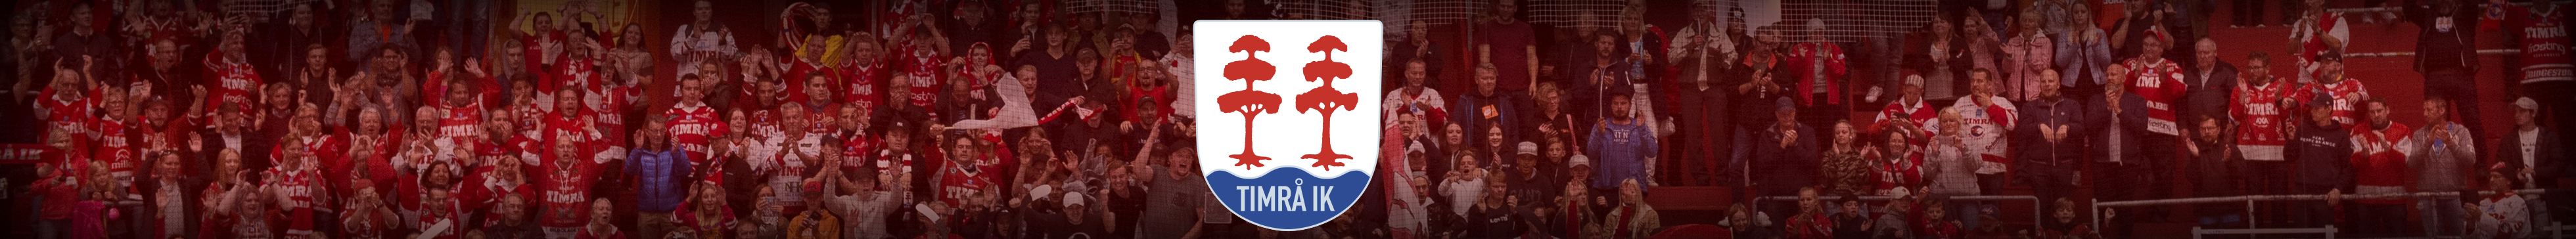 396 TIK banner